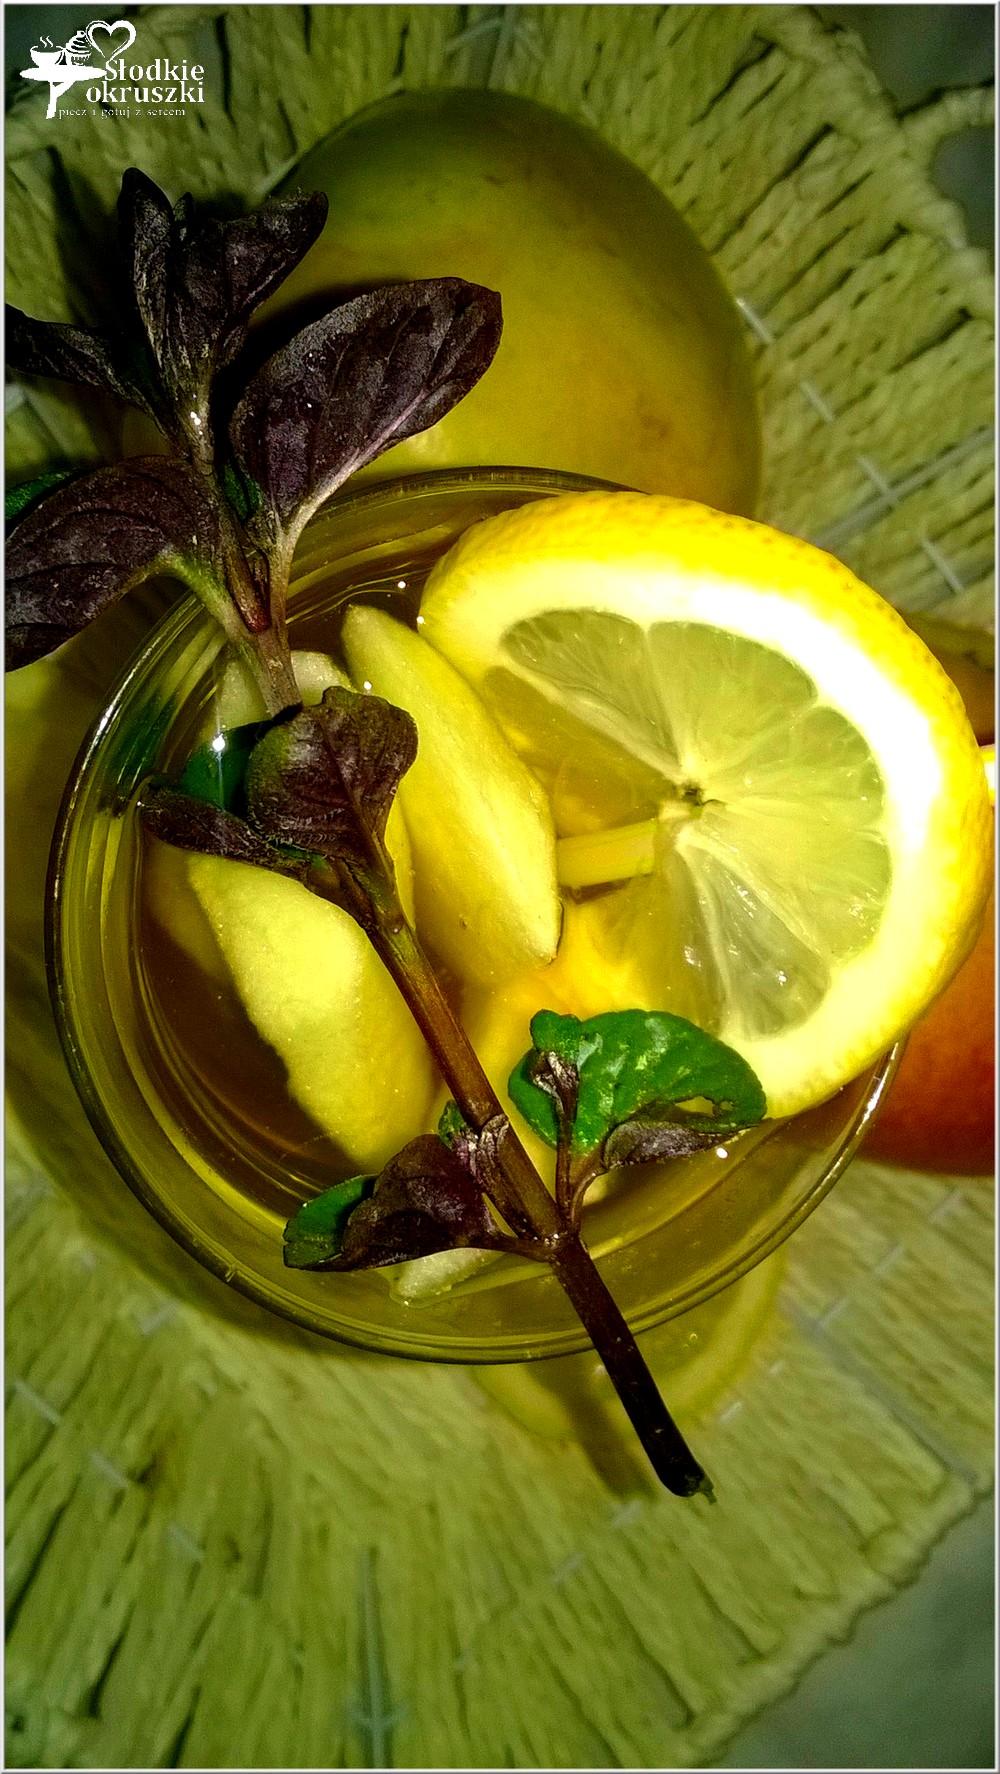 mietowo-gruszkowy-napoj-z-kawalkami-owocow-2